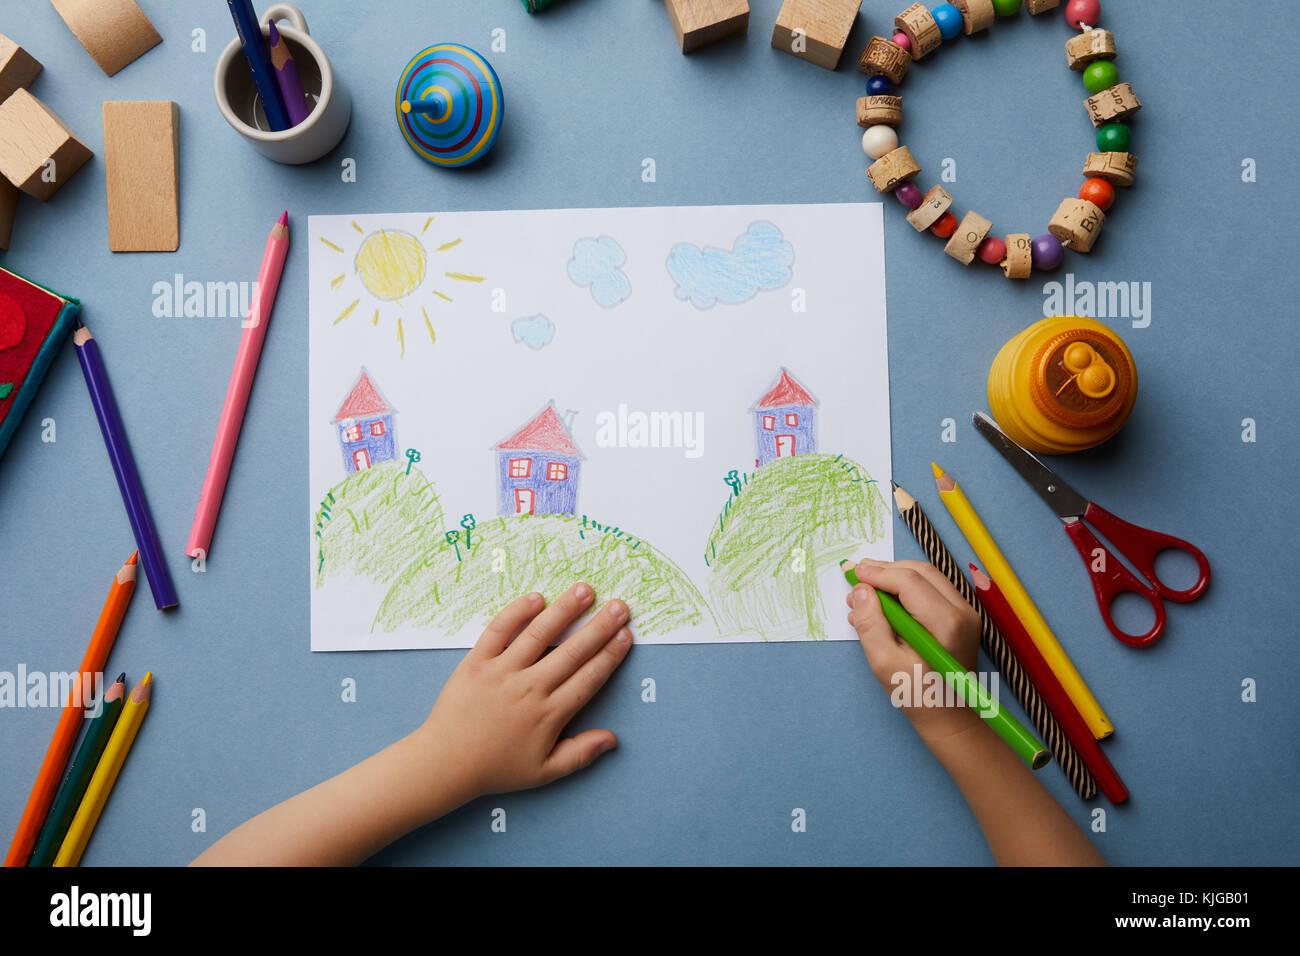 Dessin enfant paysage avec maisons Photo Stock